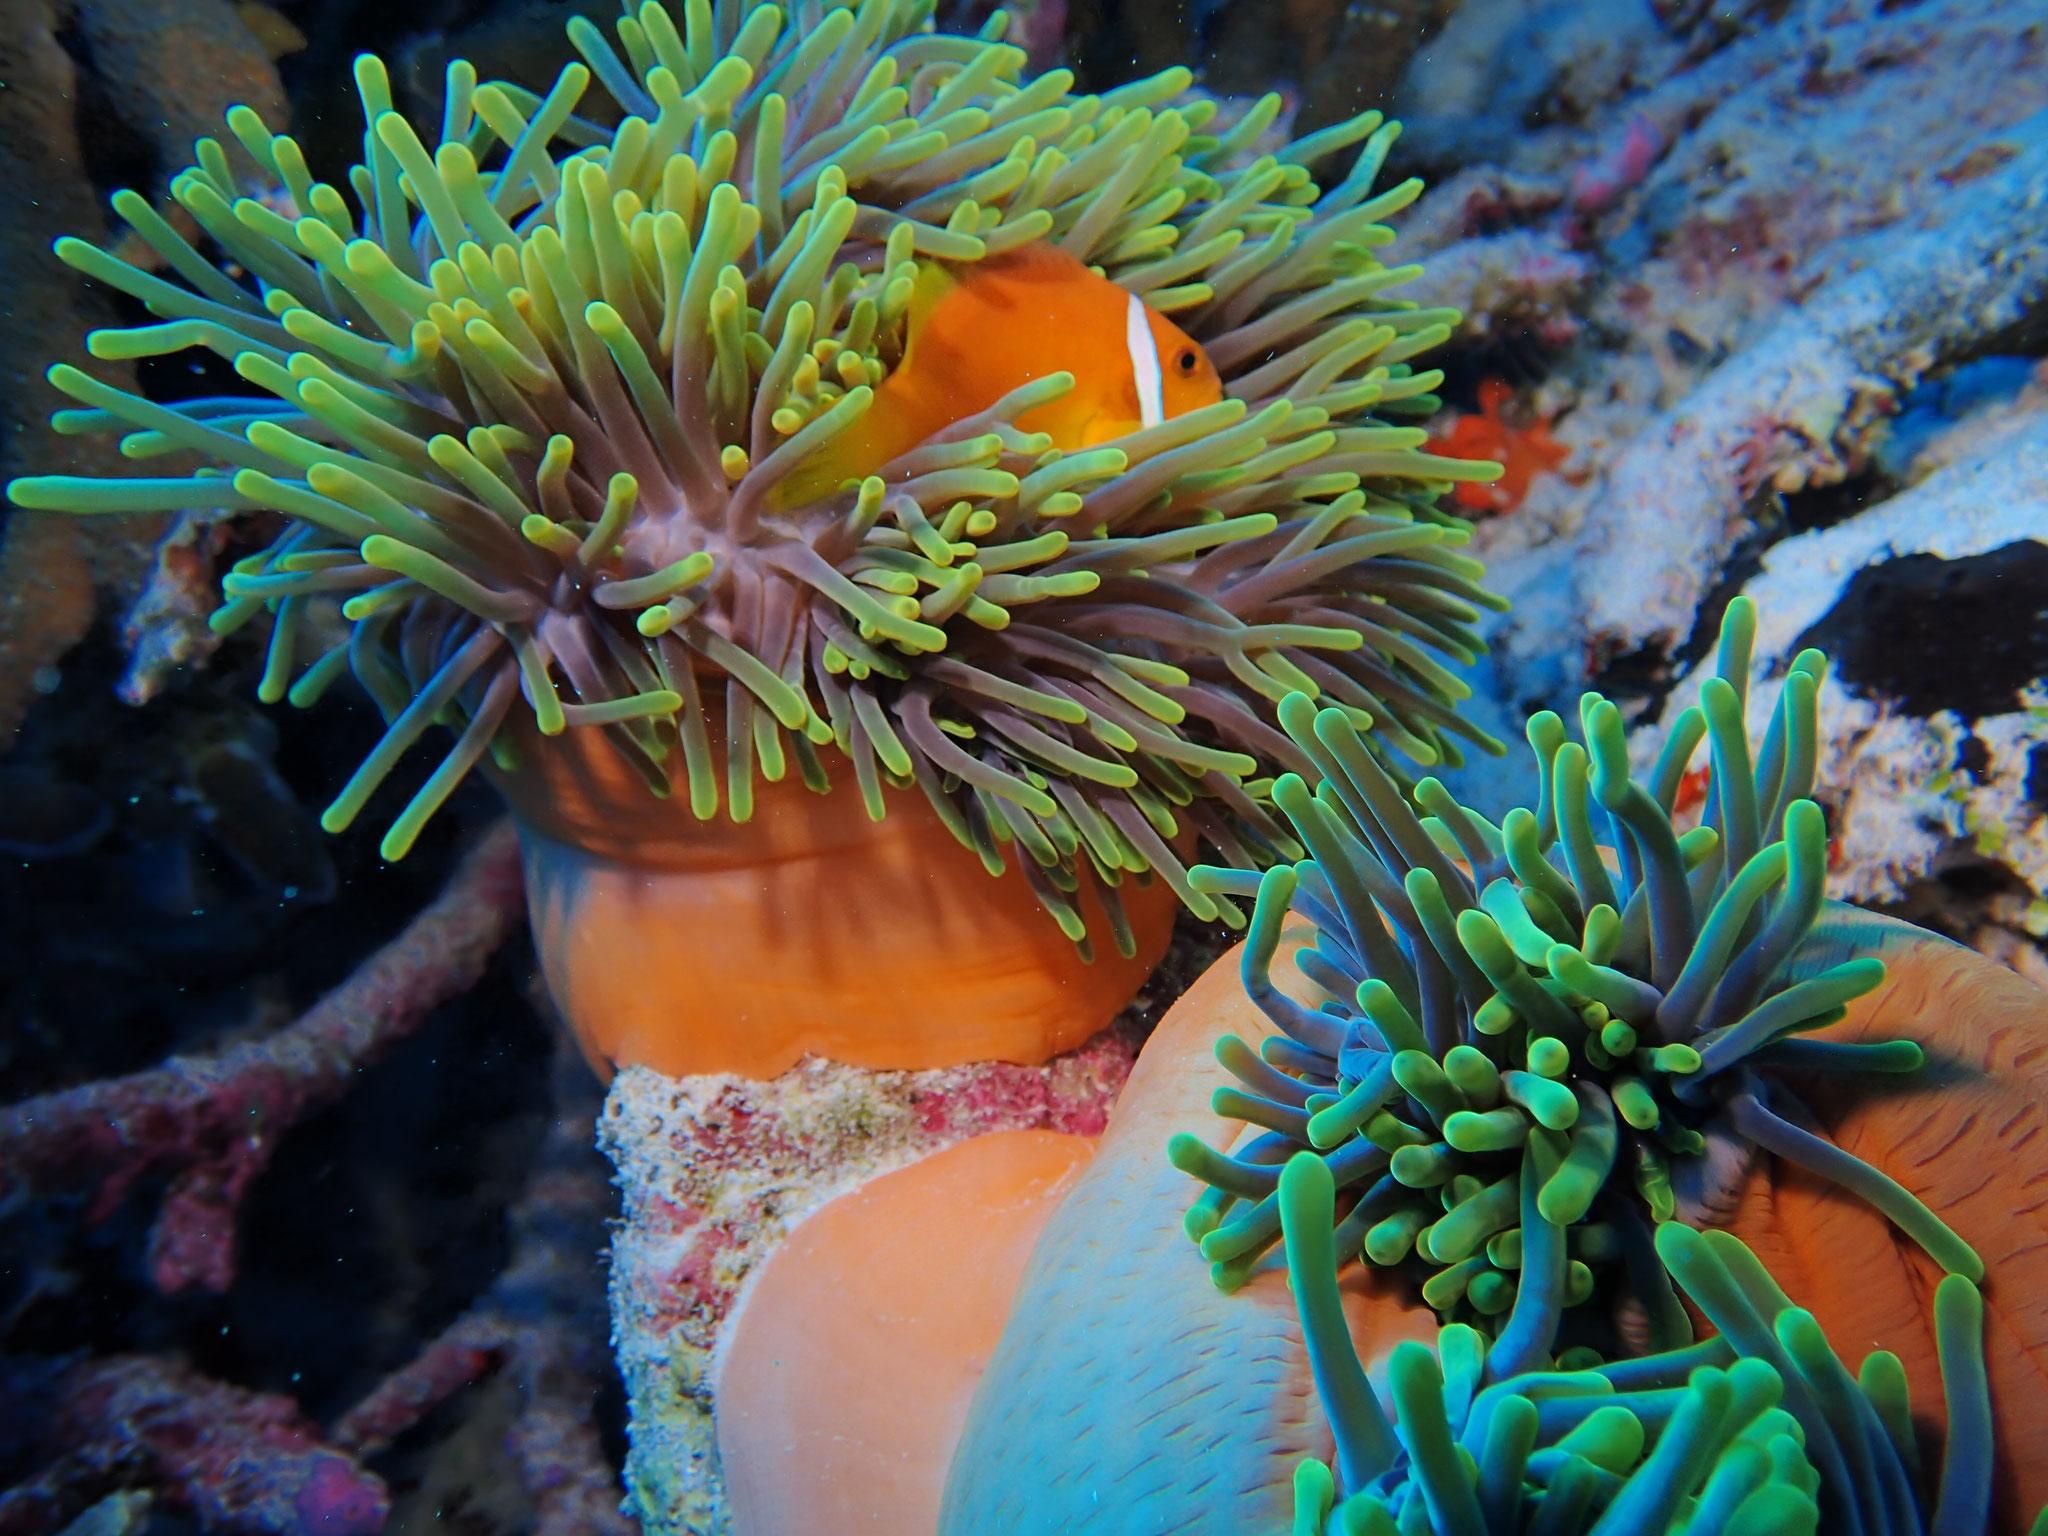 Nemo entdecken     |Foto: Jürgen Seitz